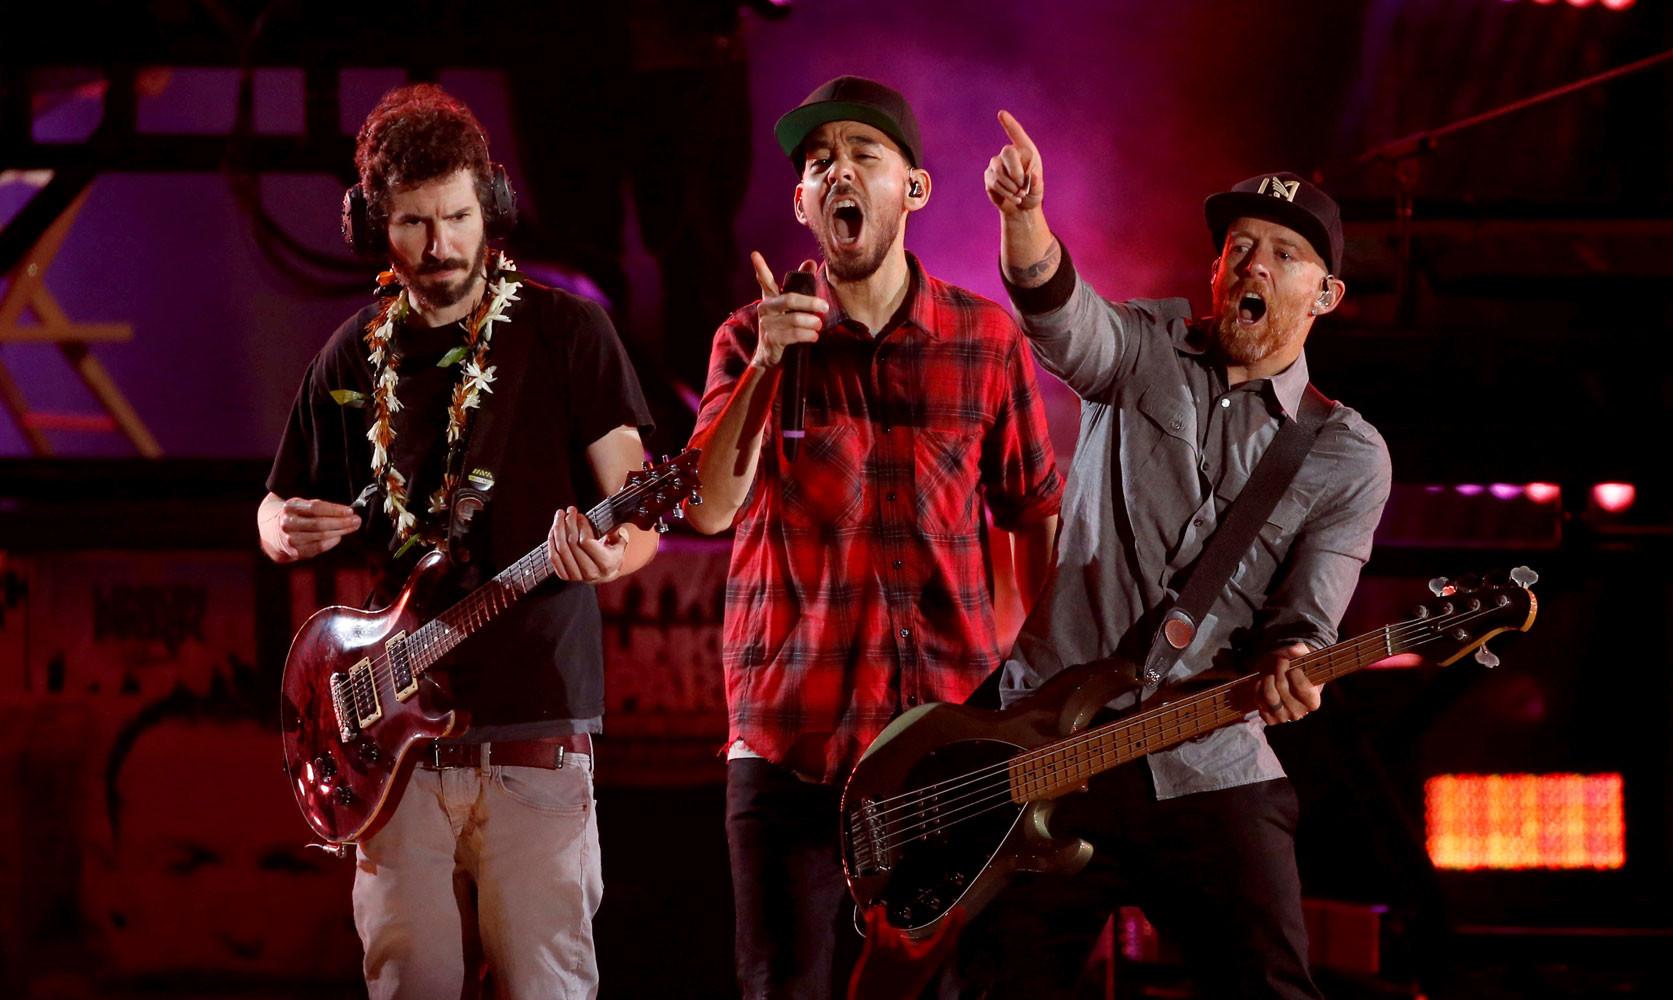 5655e4f9b Американская группа Linkin Park отыграла концерт в память о бывшем  вокалисте коллектива Честере Беннингтоне, который в июле покончил жизнь  самоубийством.